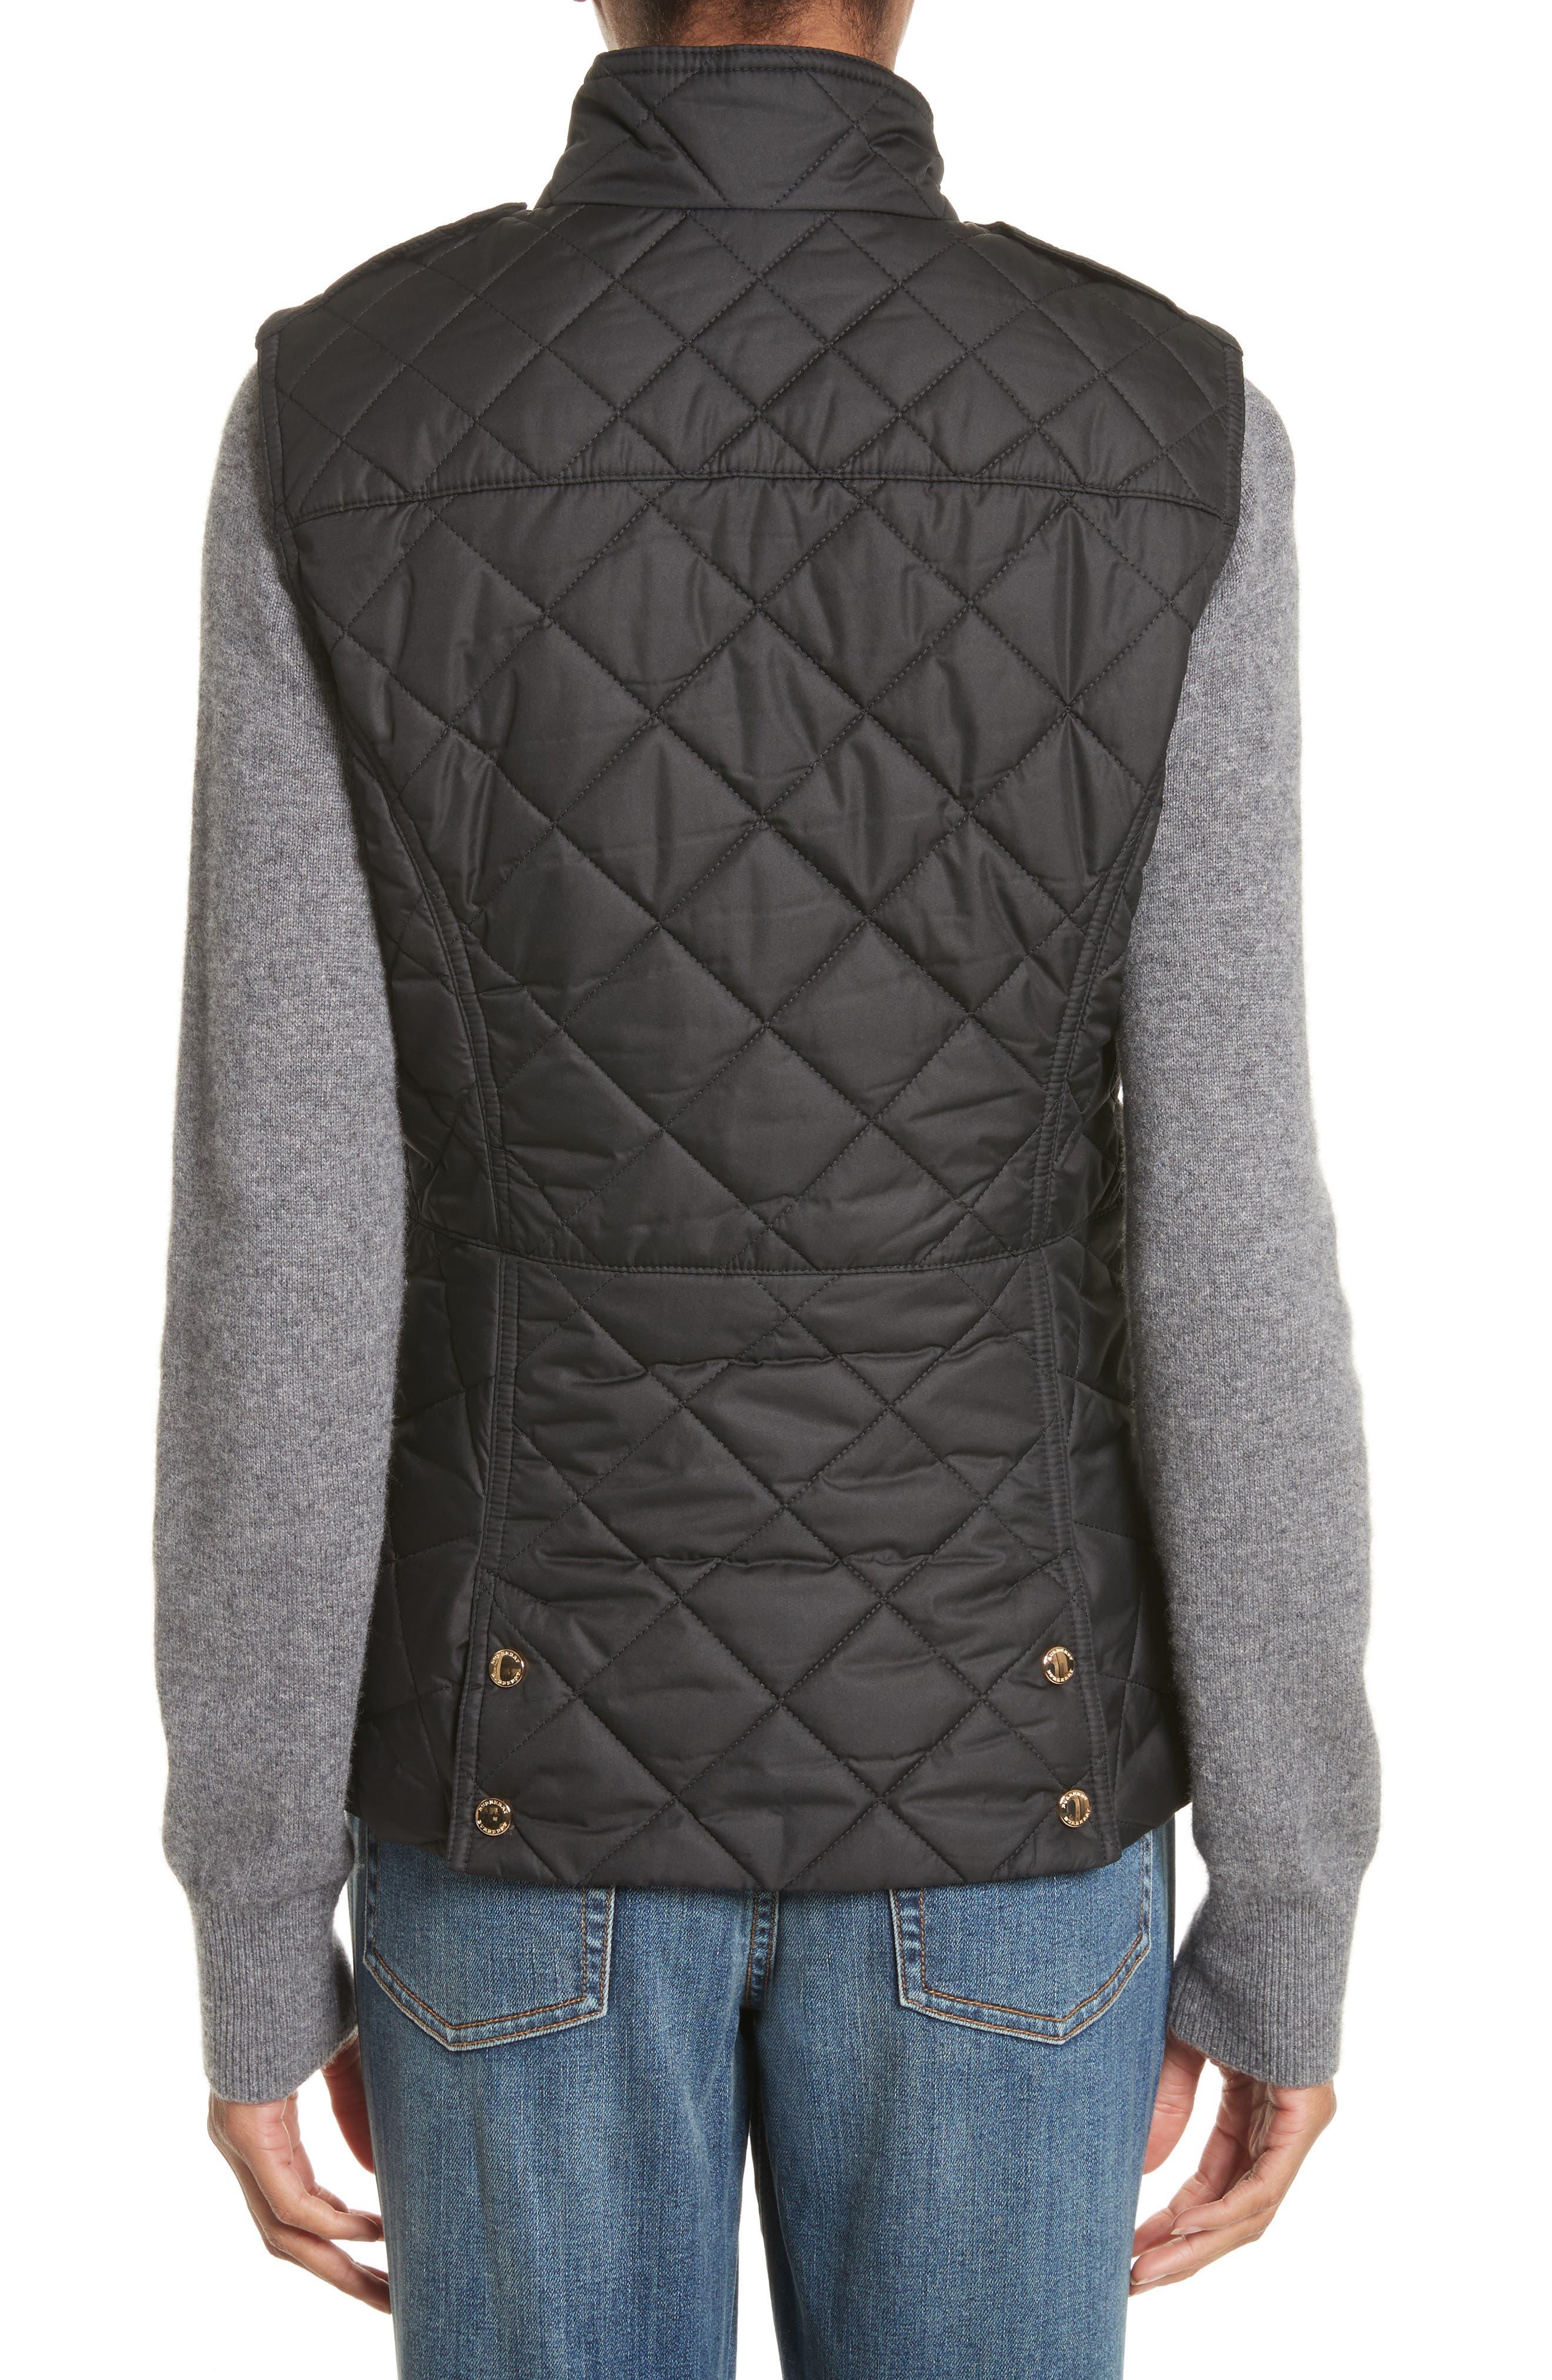 Westleton Quilted Vest,                             Alternate thumbnail 2, color,                             Black